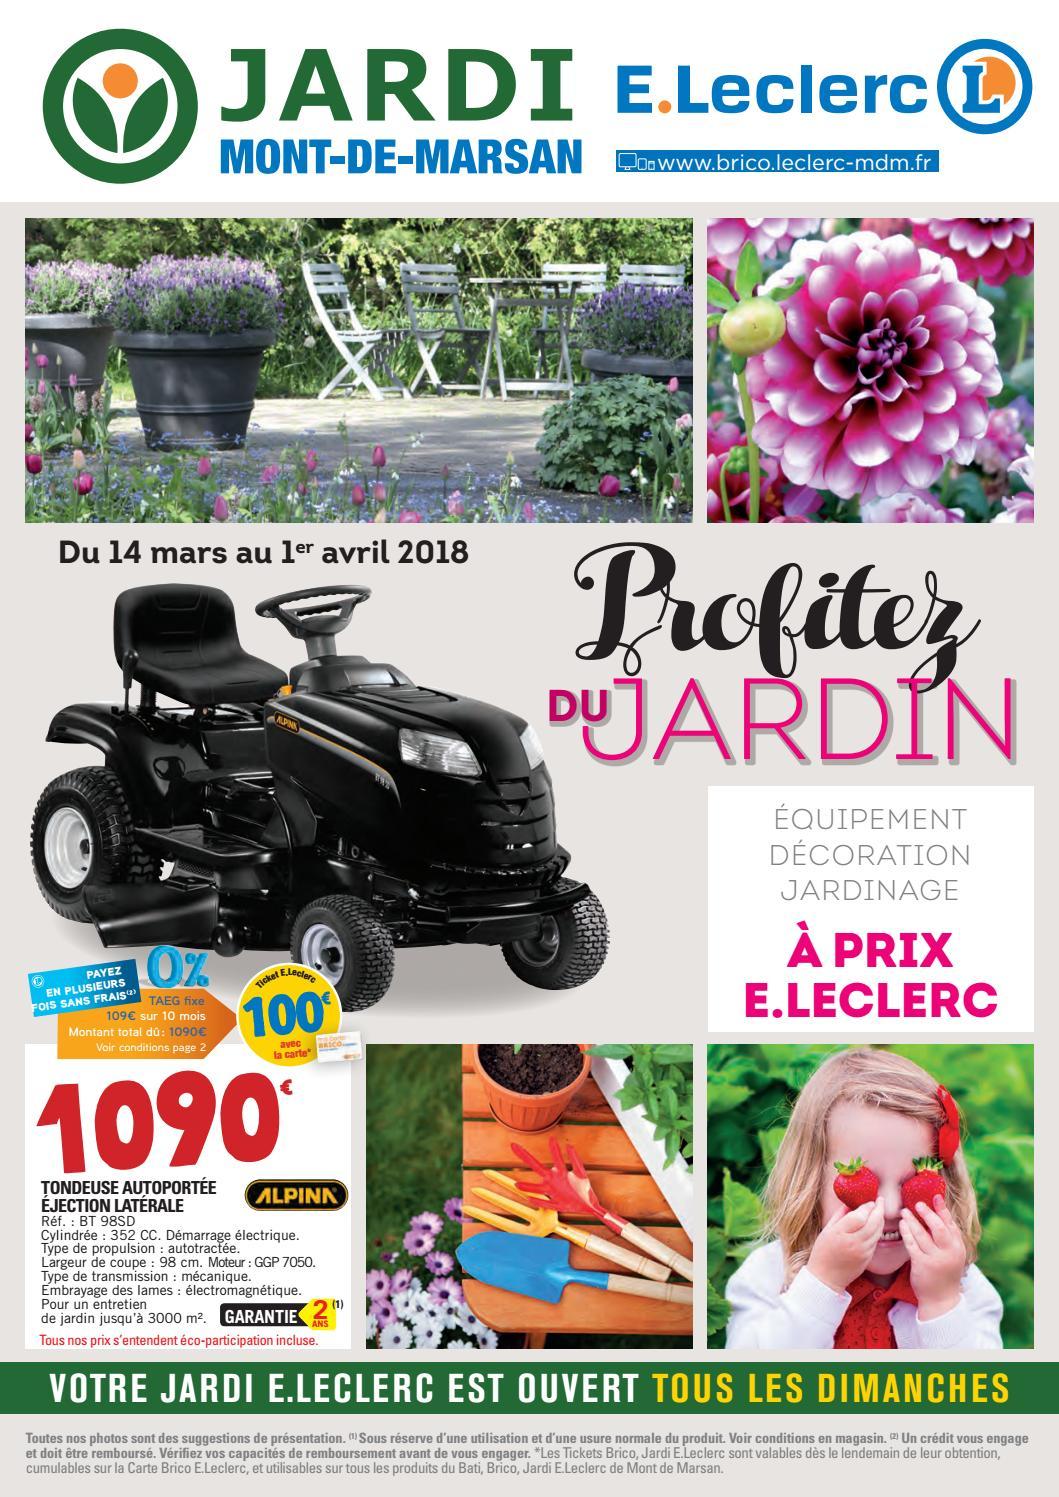 Catalogue Jardin - Jardi E.leclerc By Chou Magazine - Issuu concernant Salon De Jardin Leclerc Catalogue